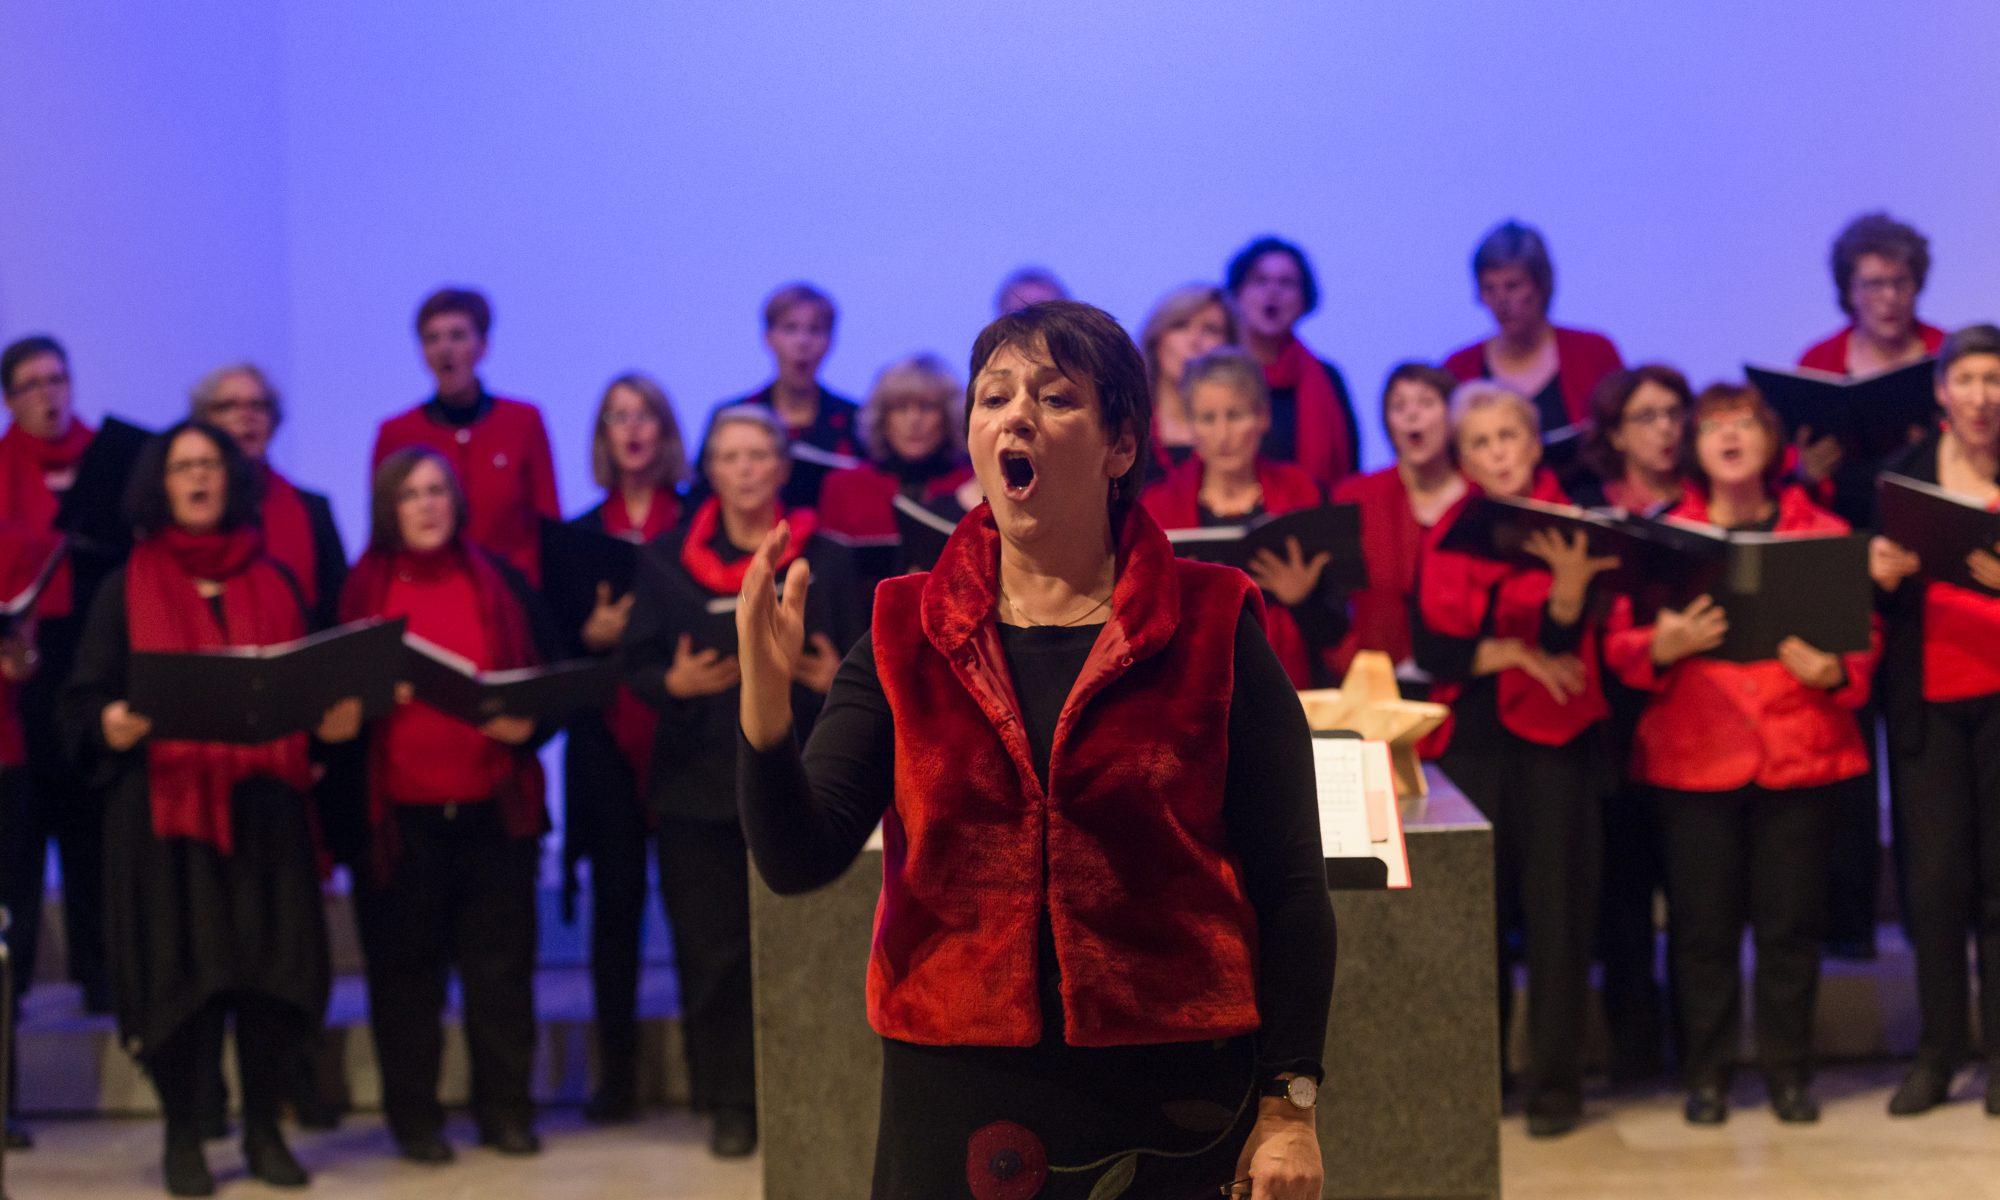 Amei Scheib dirigiert den Chor Frauenstimmen